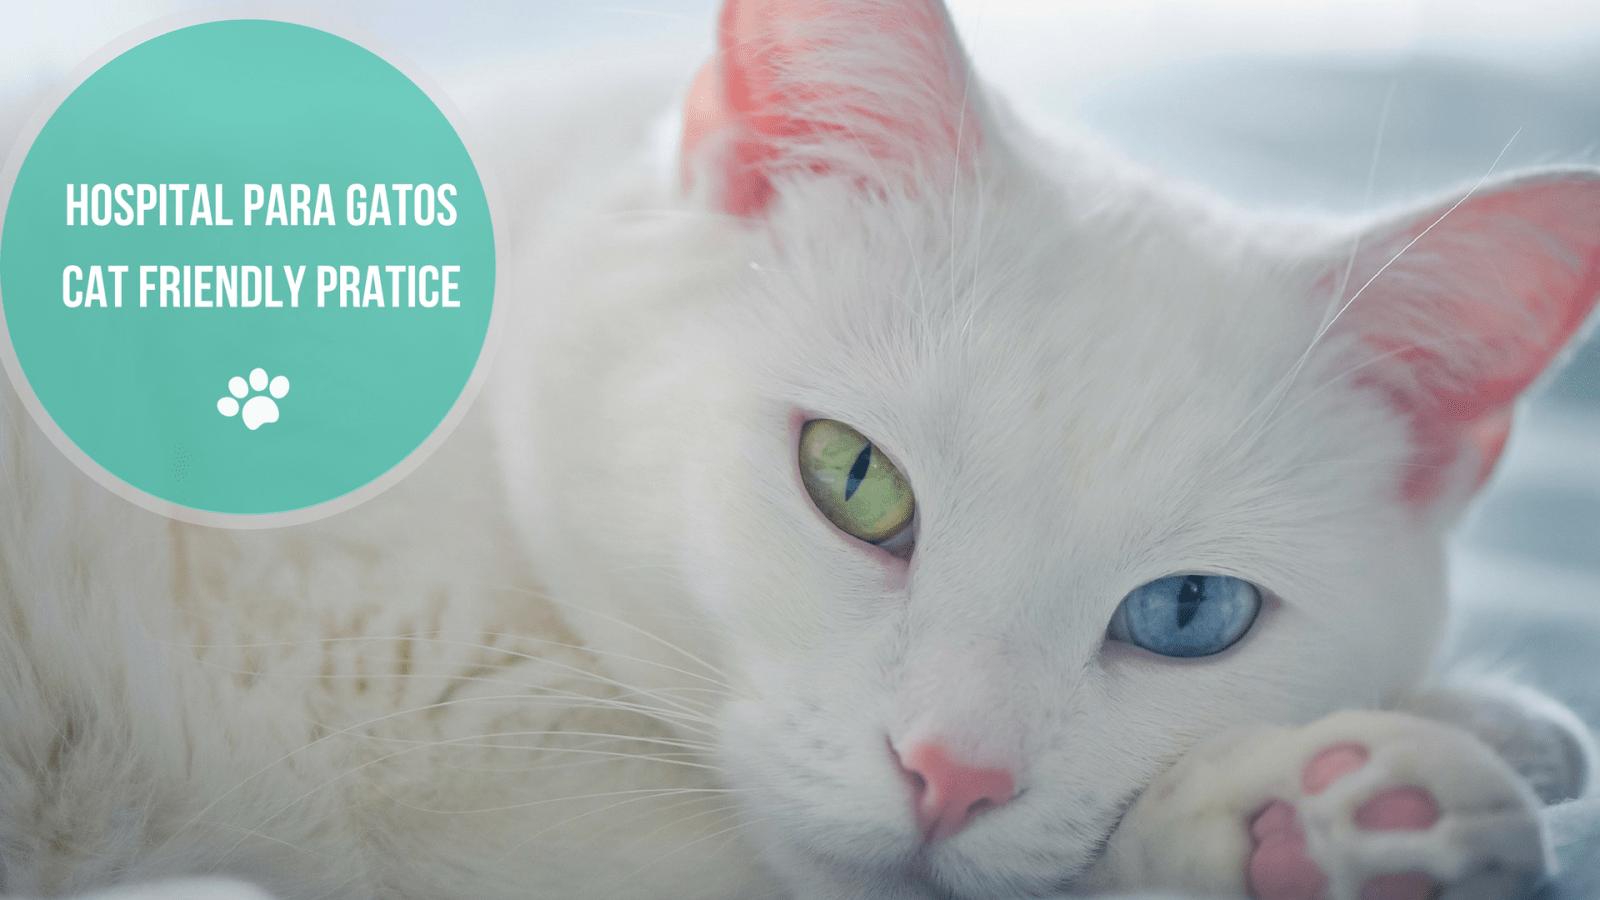 hospital para gatos cat friendly - HOSPITAL PARA GATOS - CAT FRIENDLY PRATICE